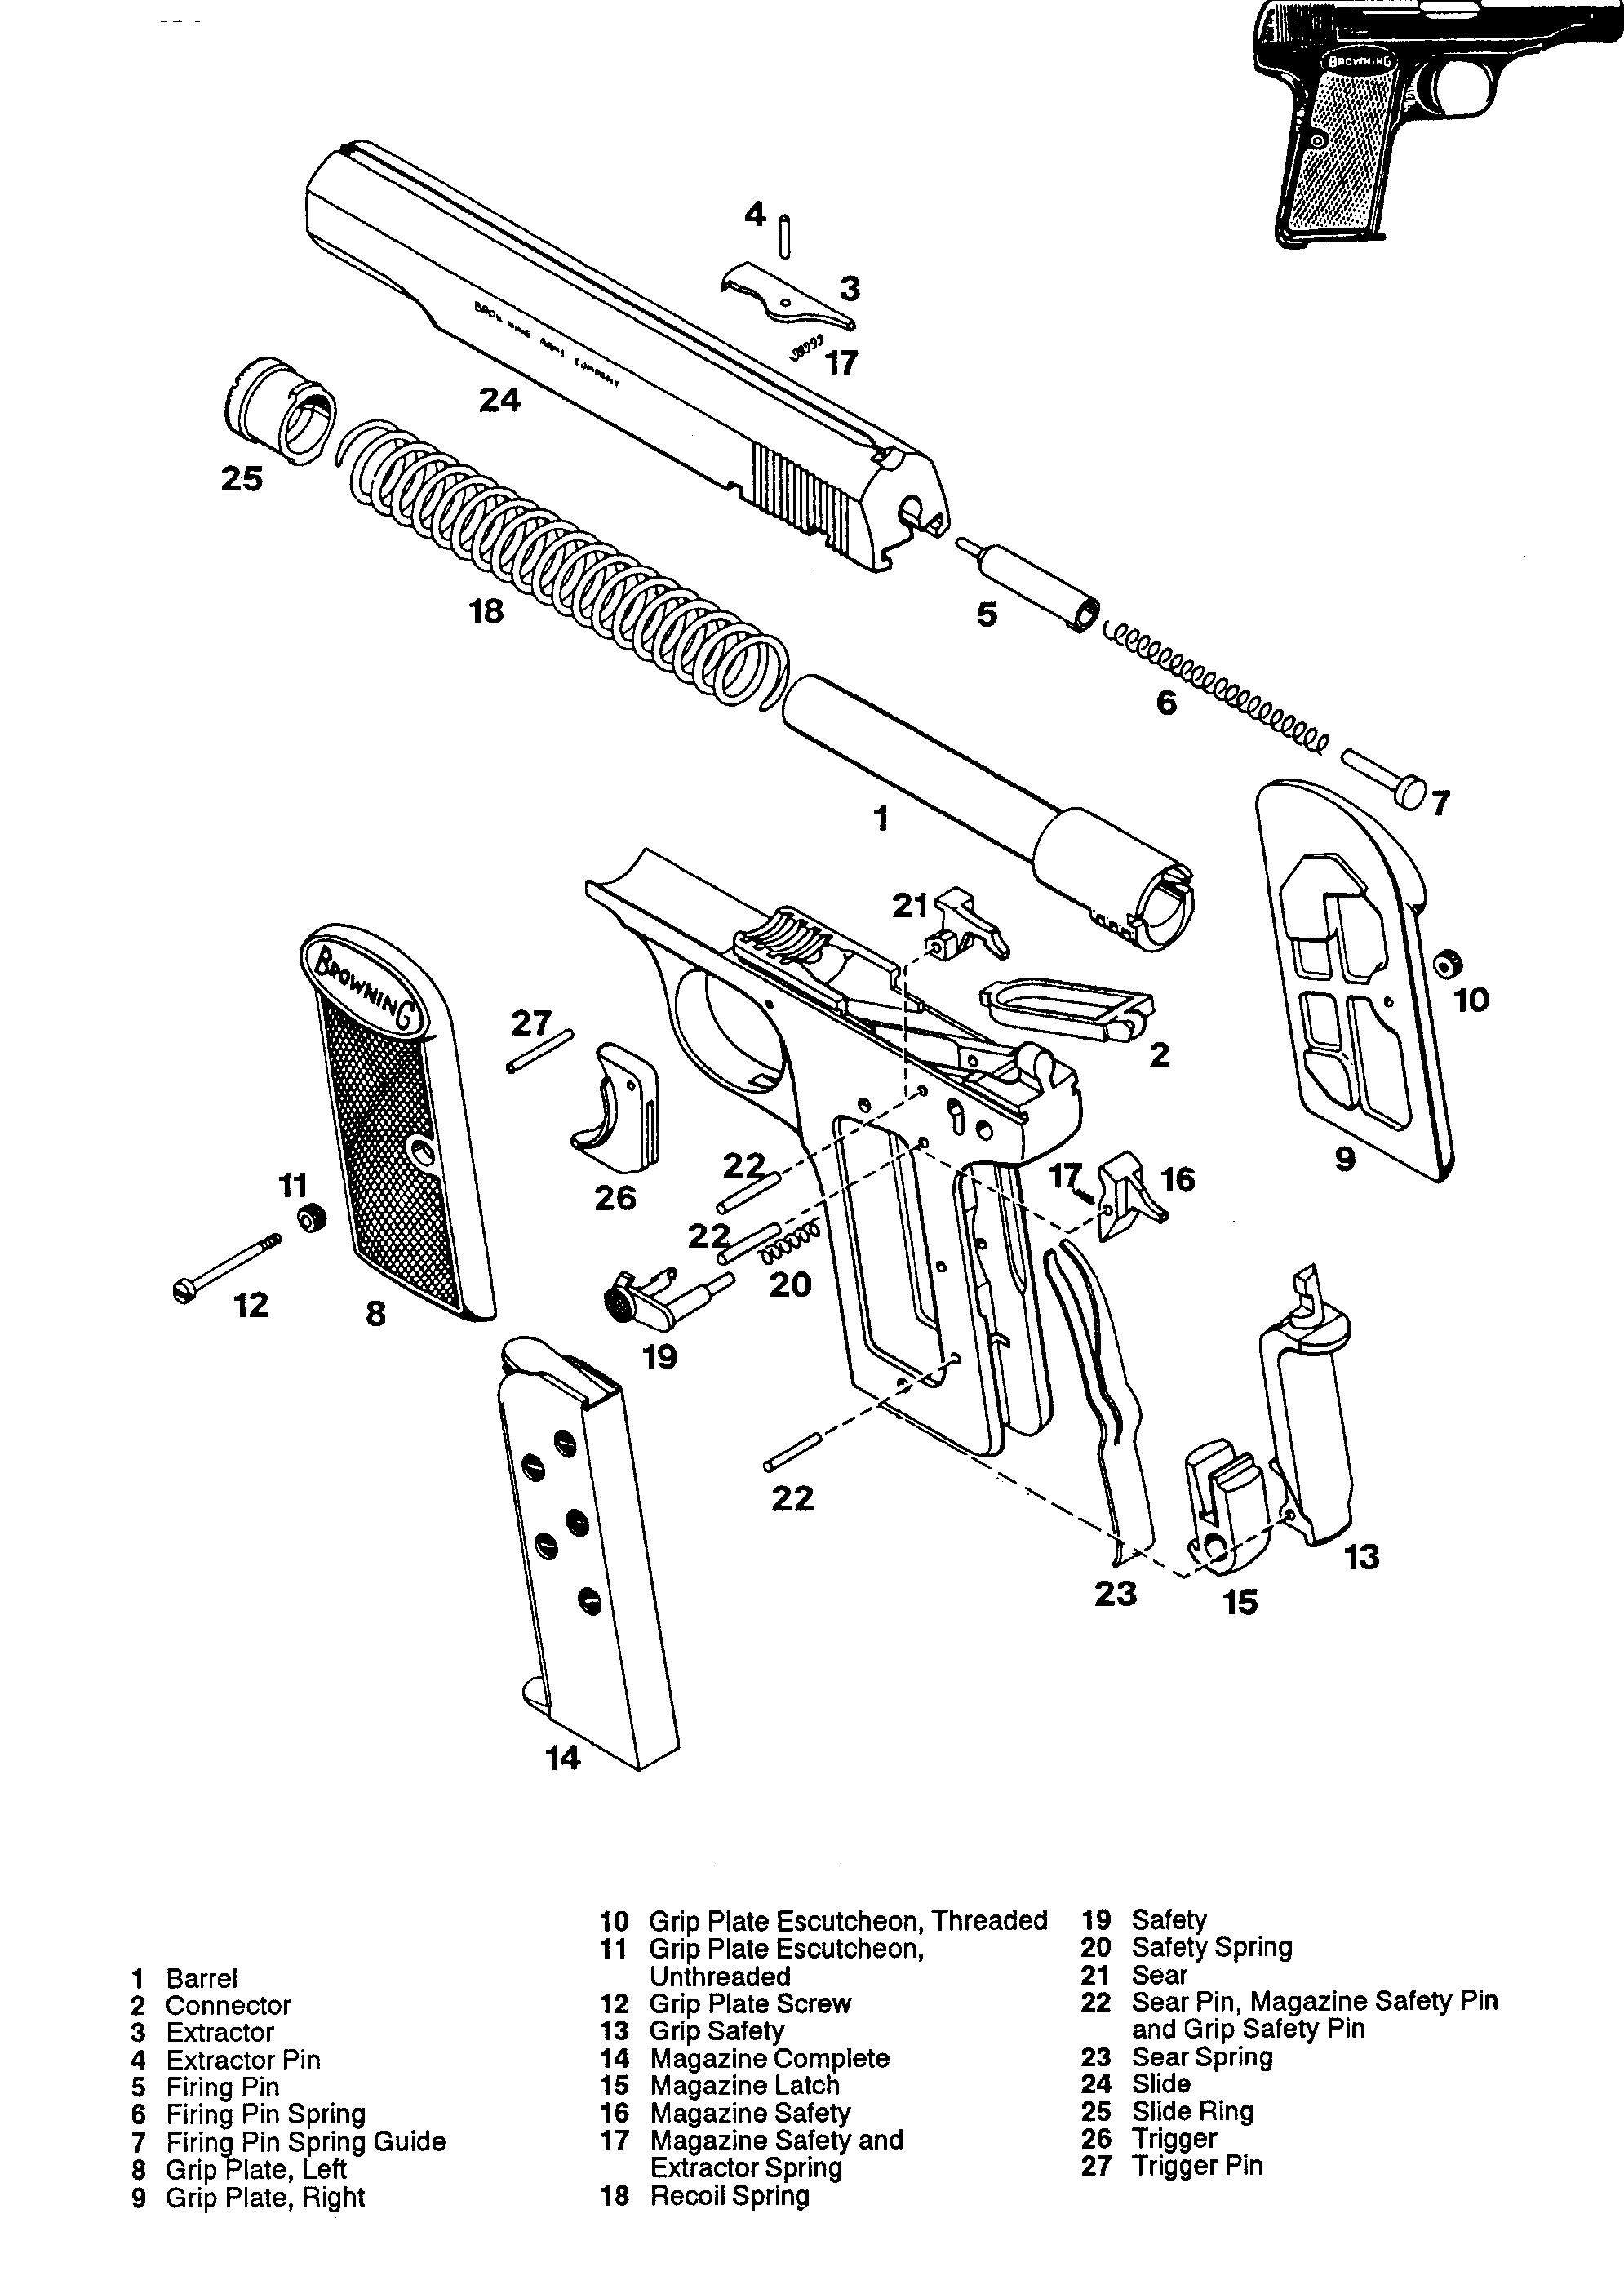 FN M1910 Handgun - Bing images